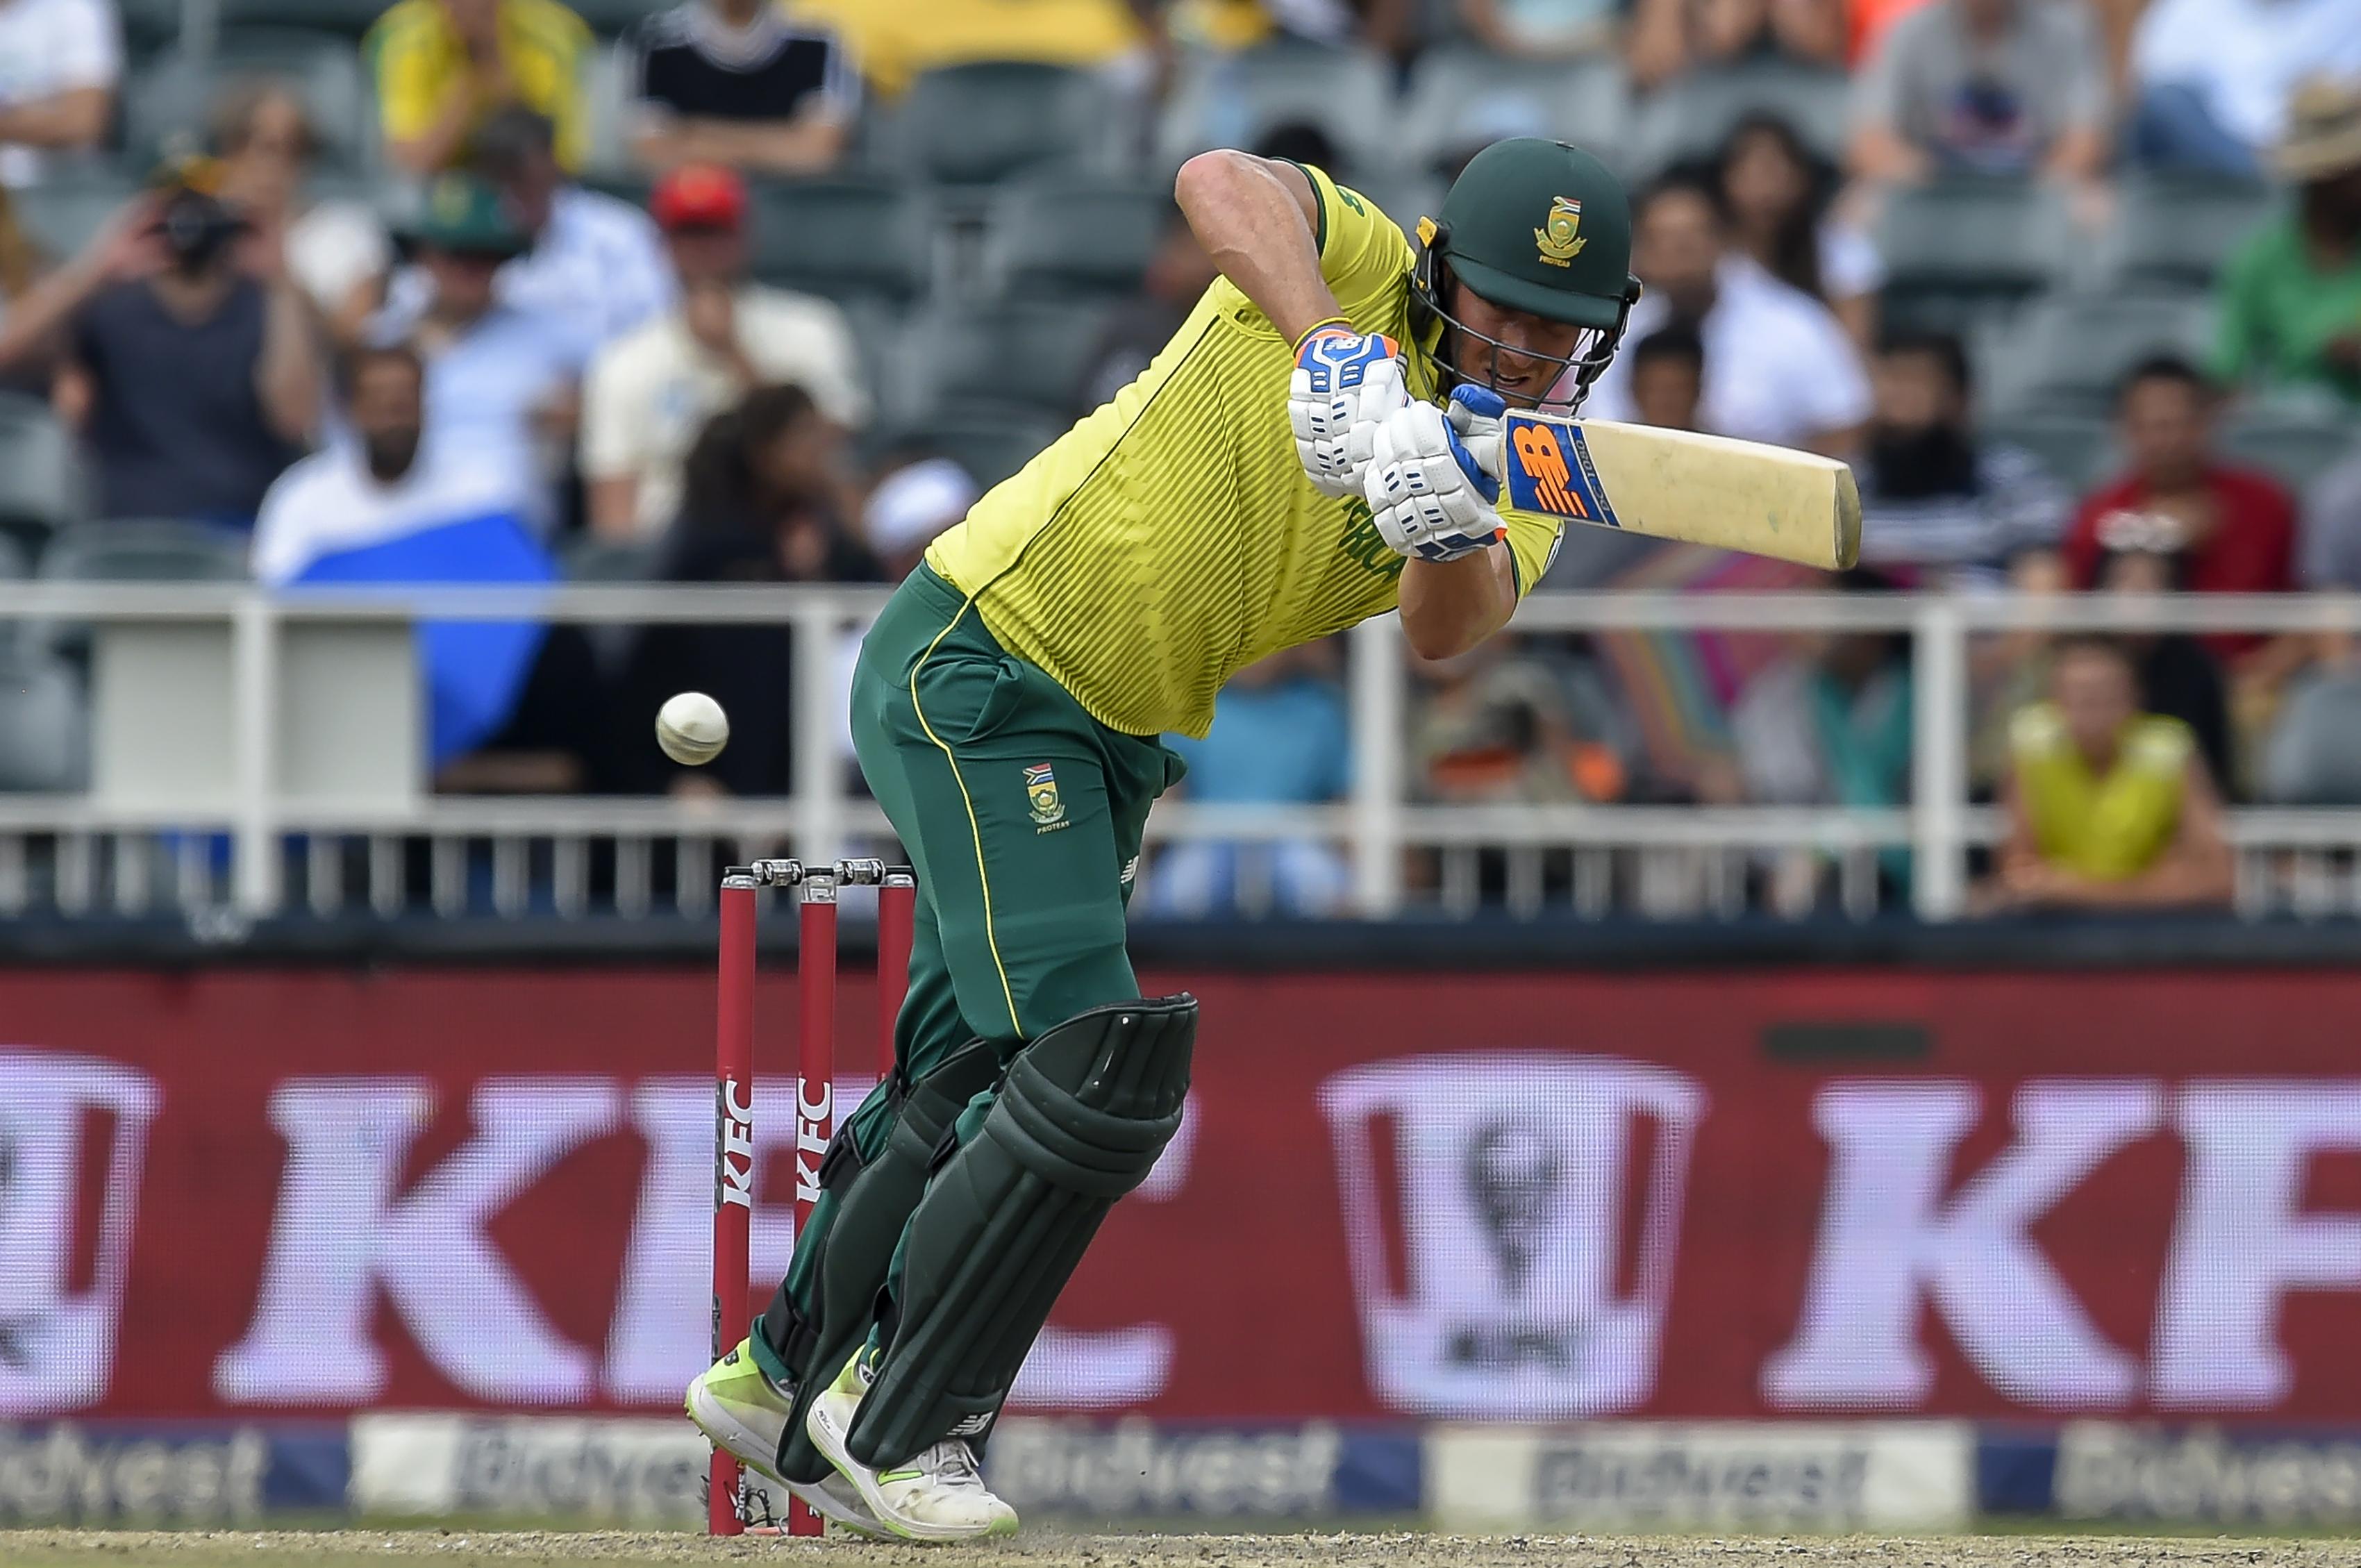 David Miller t20 cricket